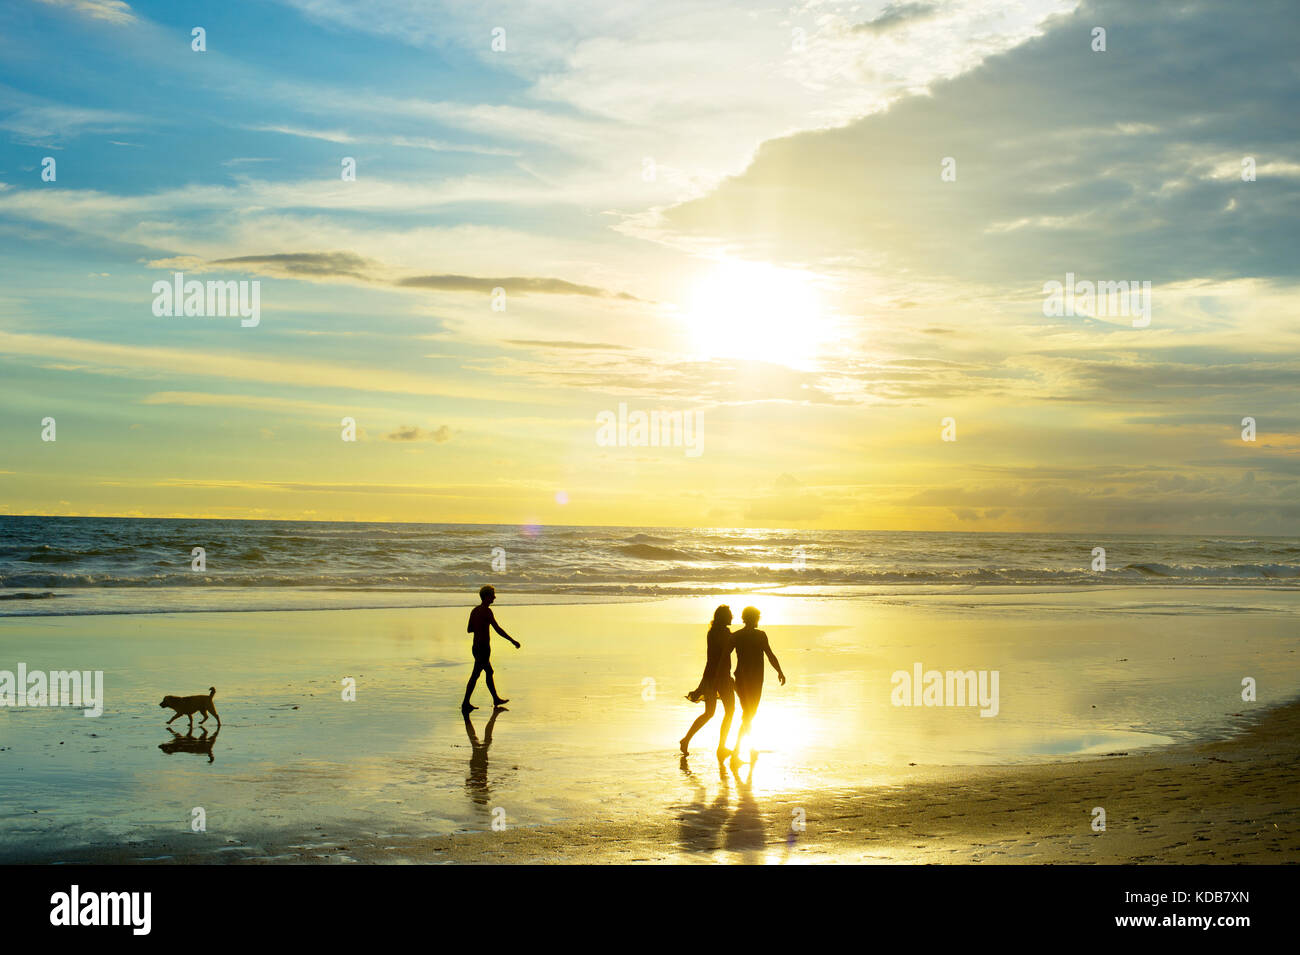 Menschen zu Fuß auf tropische Bali Strand bei Sonnenuntergang. Indonesien Stockbild